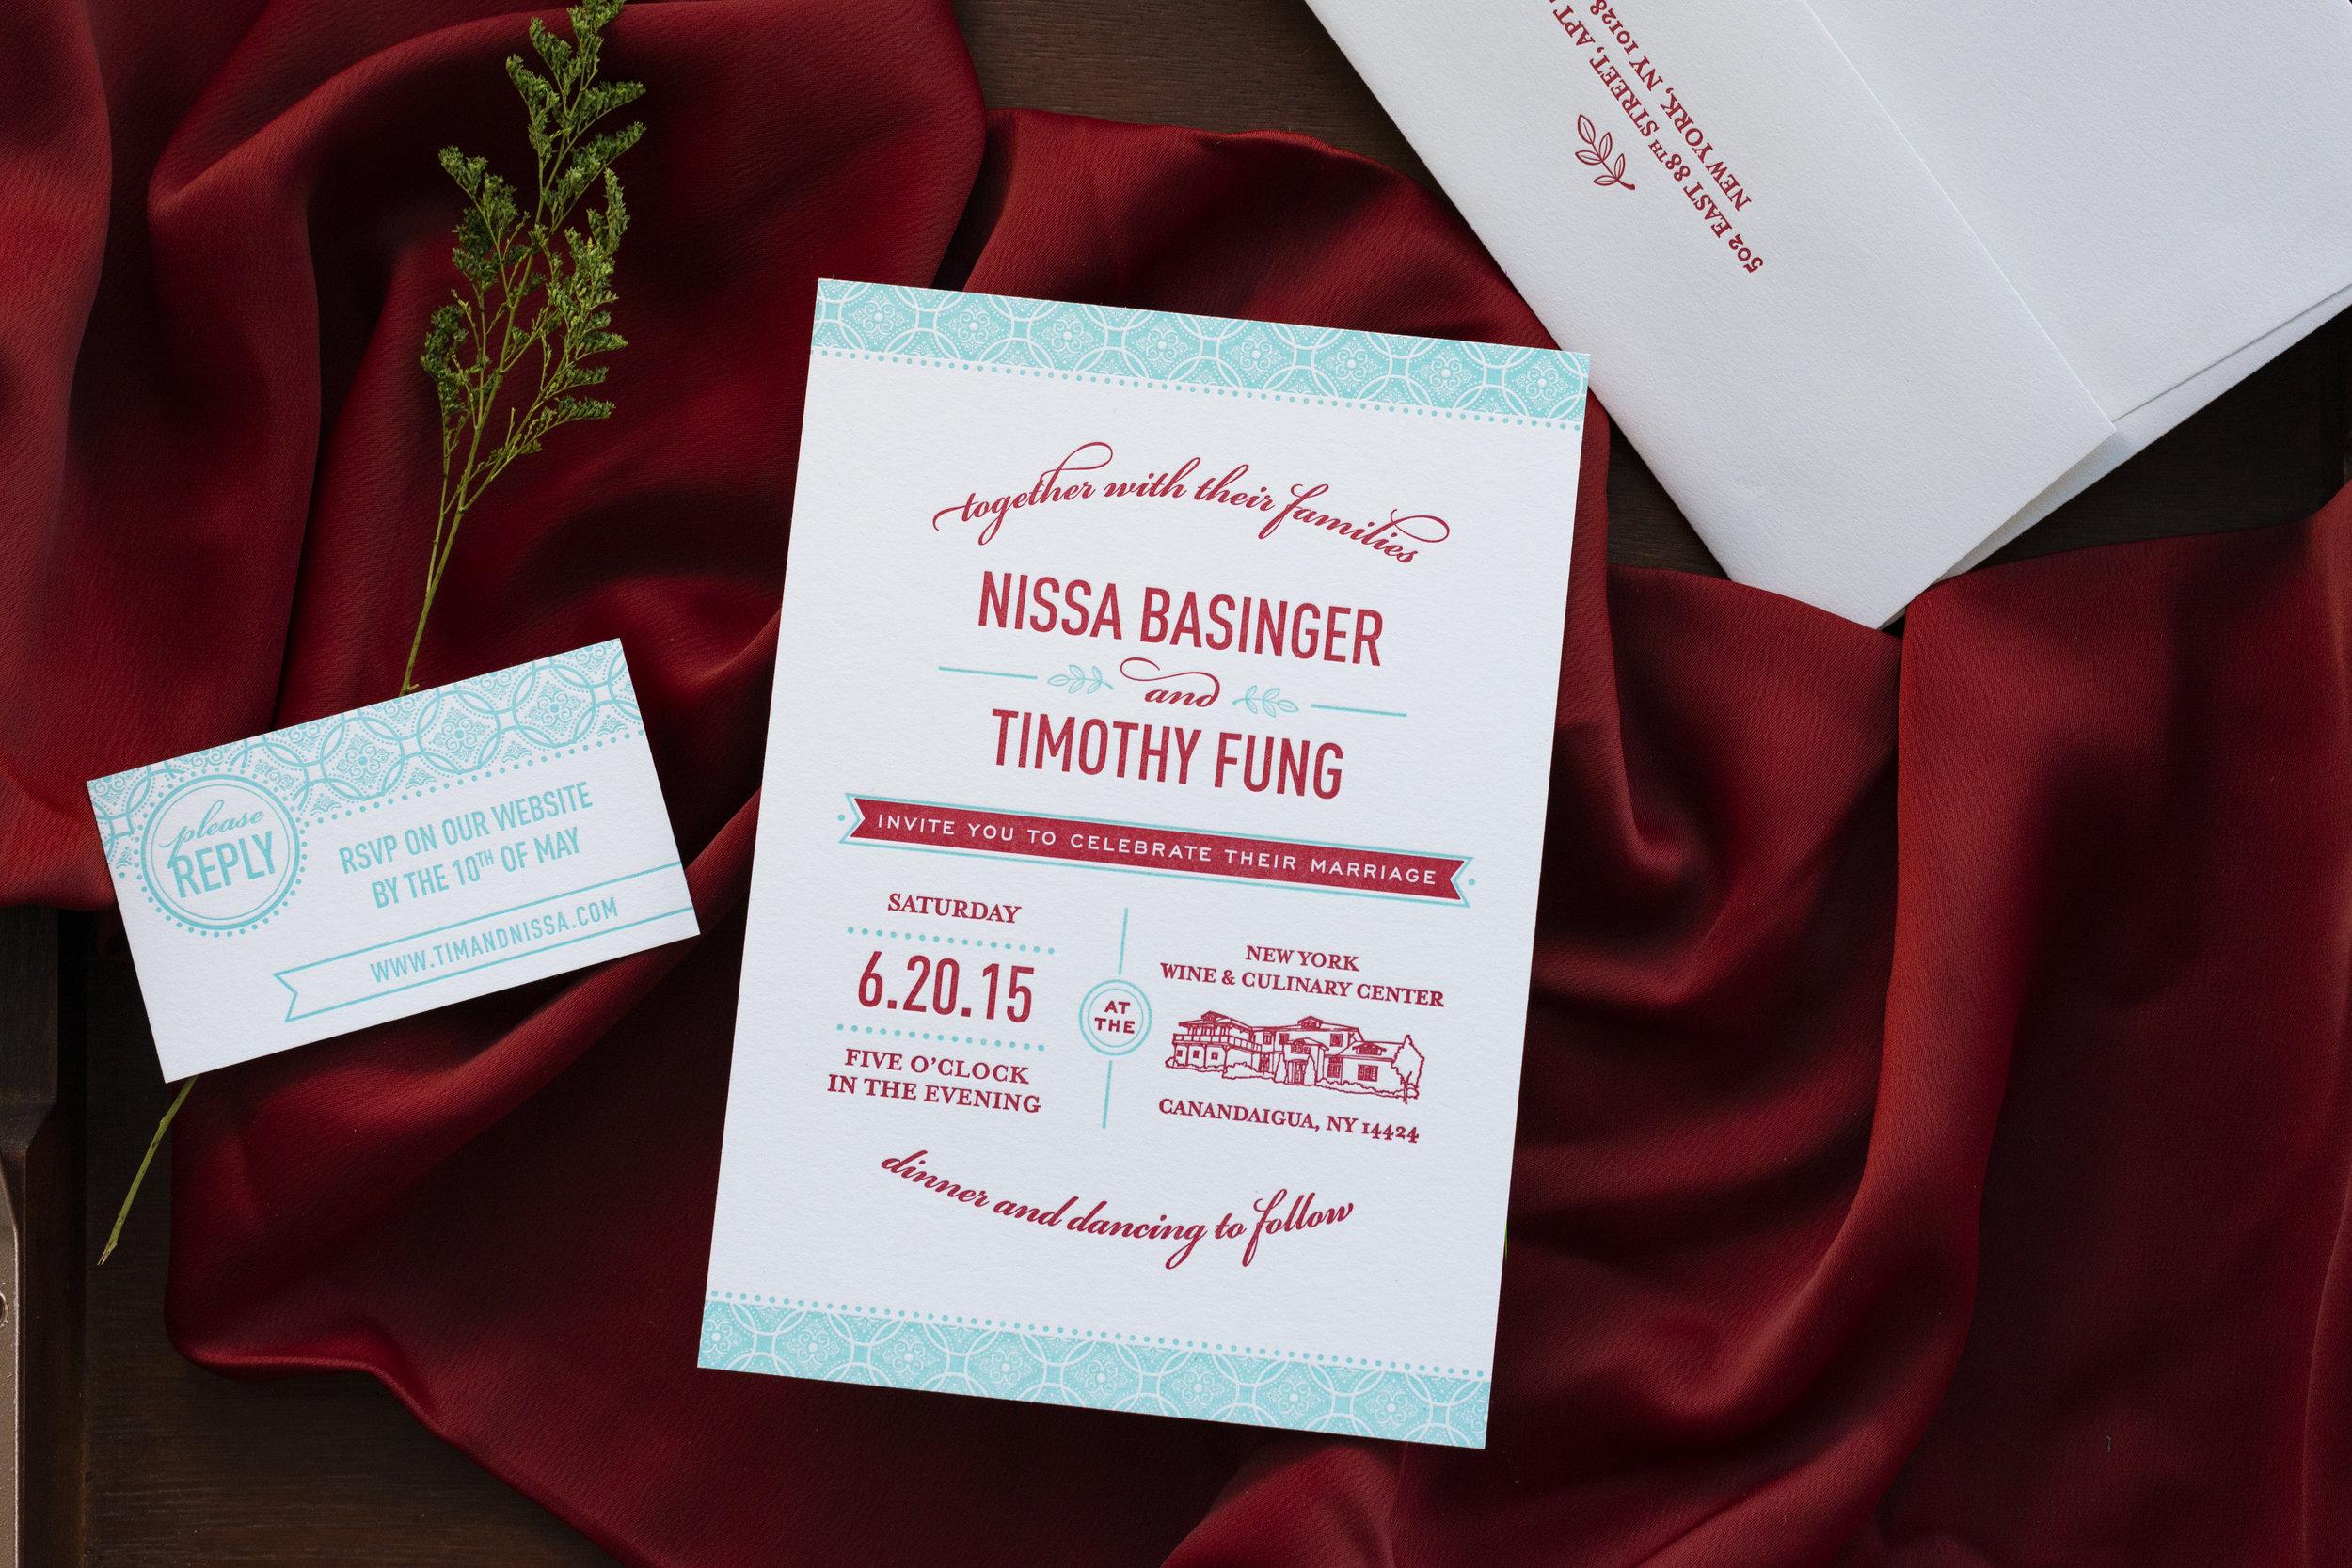 Invitationsuite_BasingerFung_1.jpg